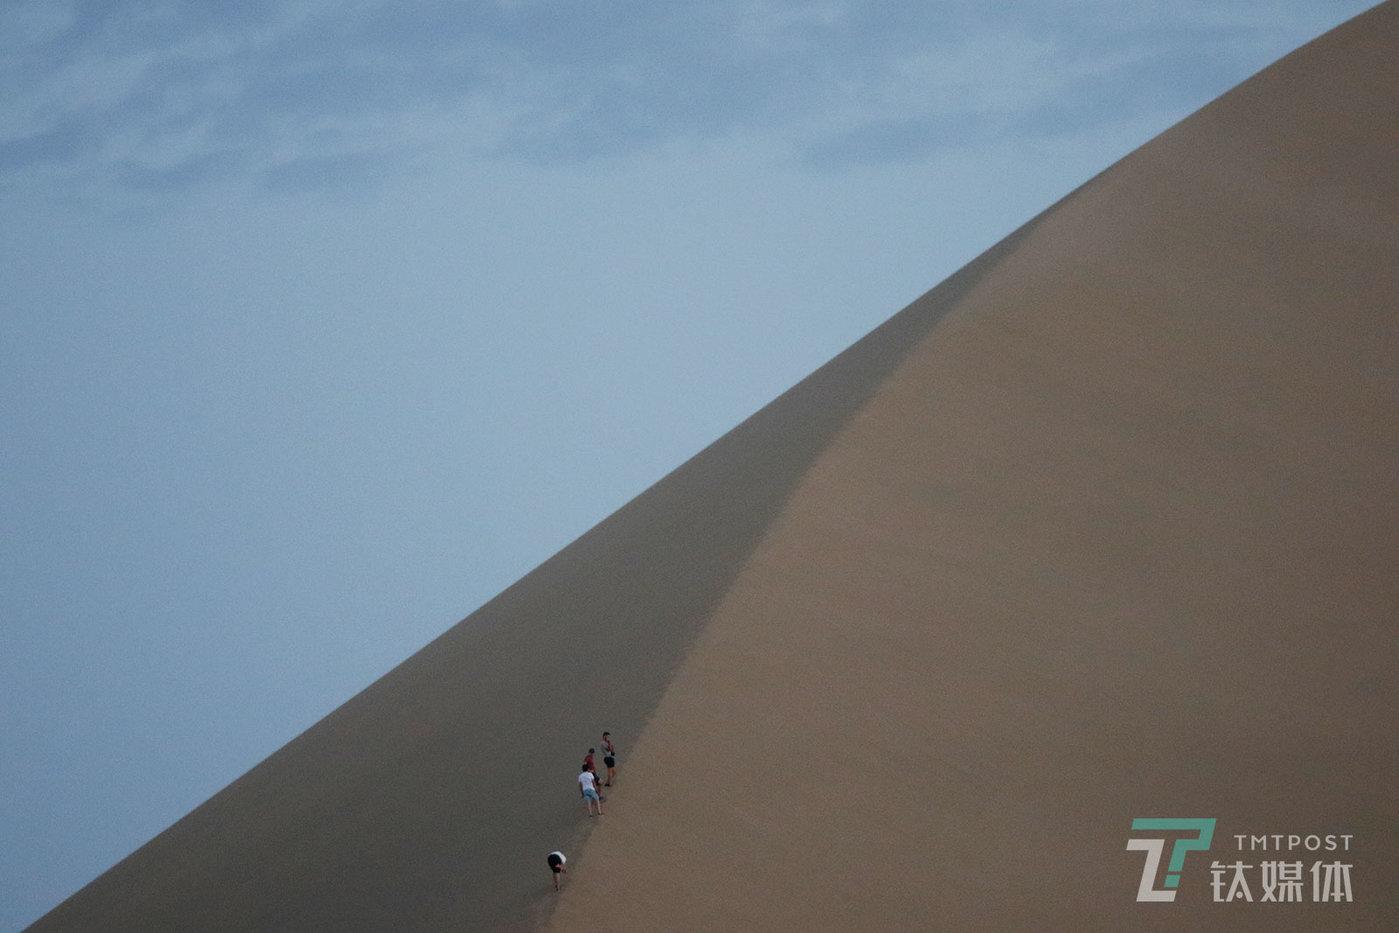 【越过沙丘】8月19日,甘肃敦煌鸣沙山,攀爬沙山的游客。